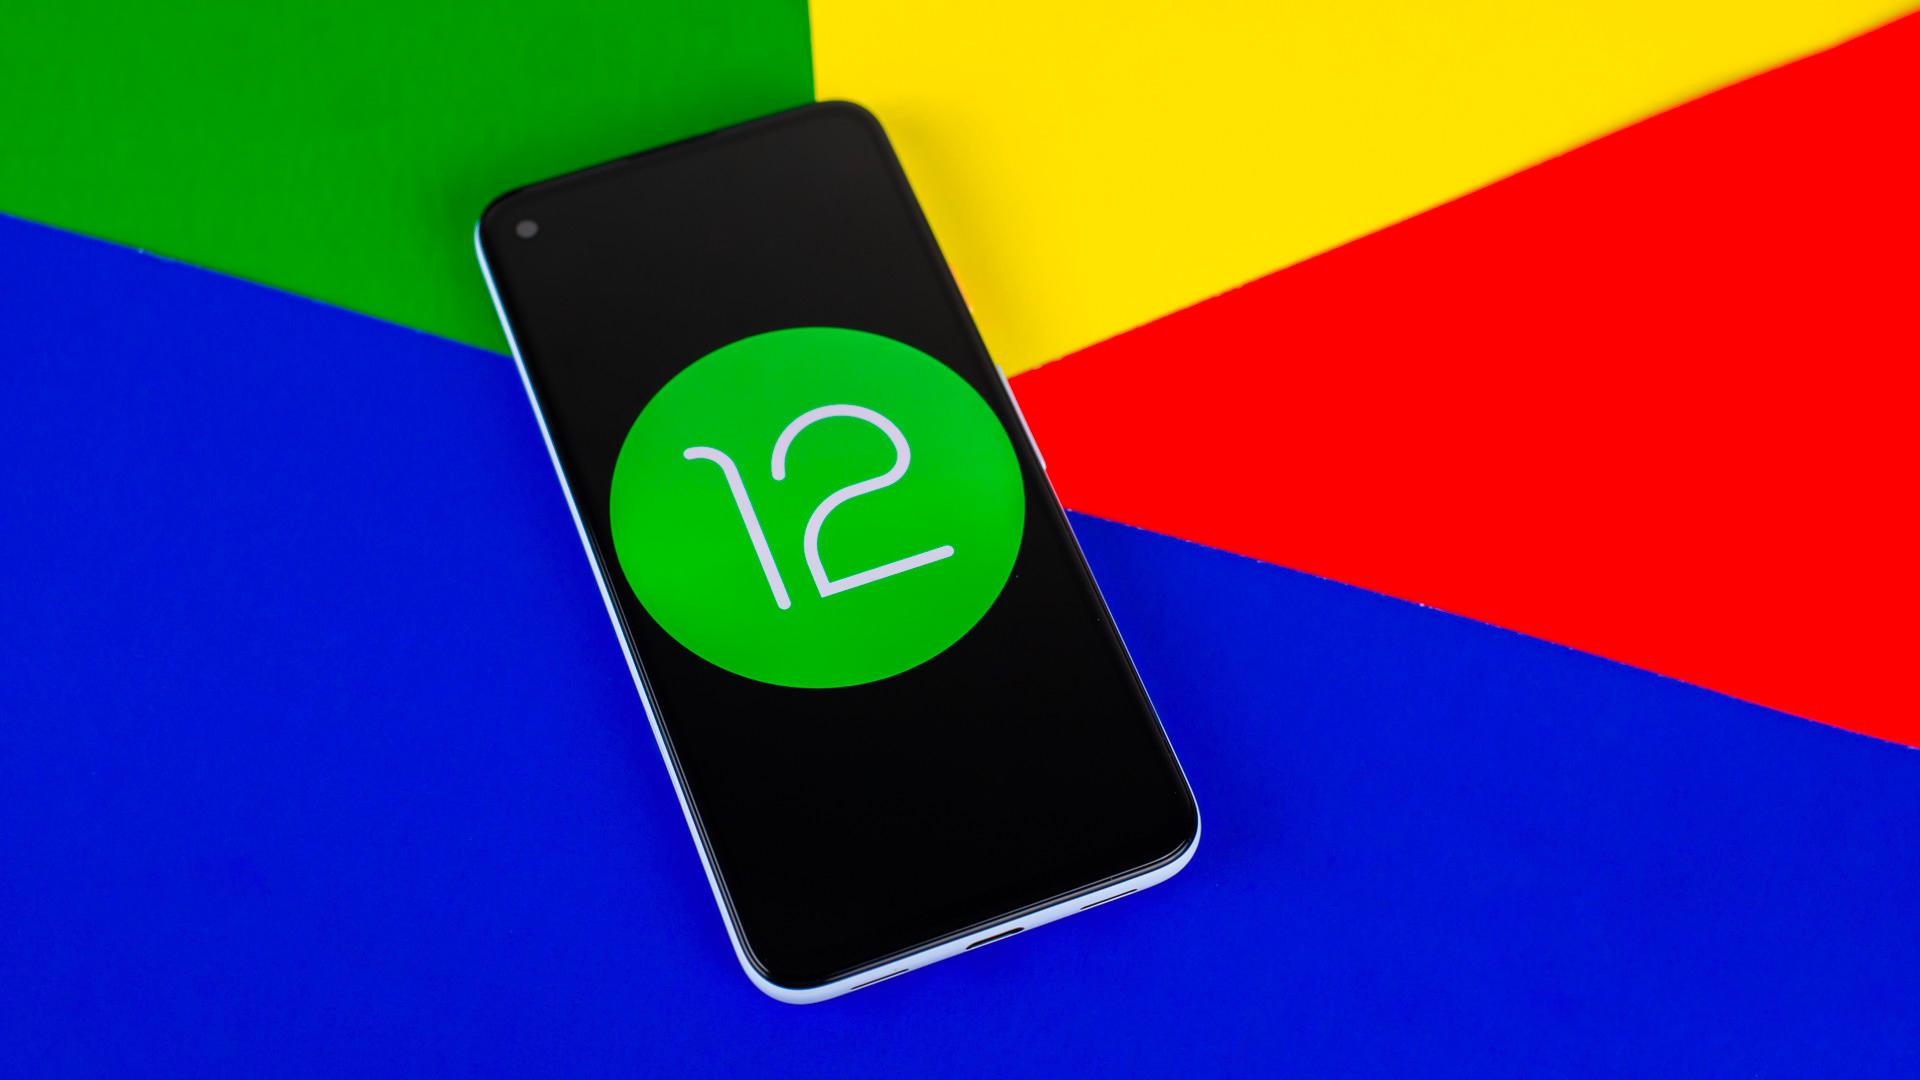 Вышла первая бета-версия Android 12: главные отличия и сходства с iOS 14